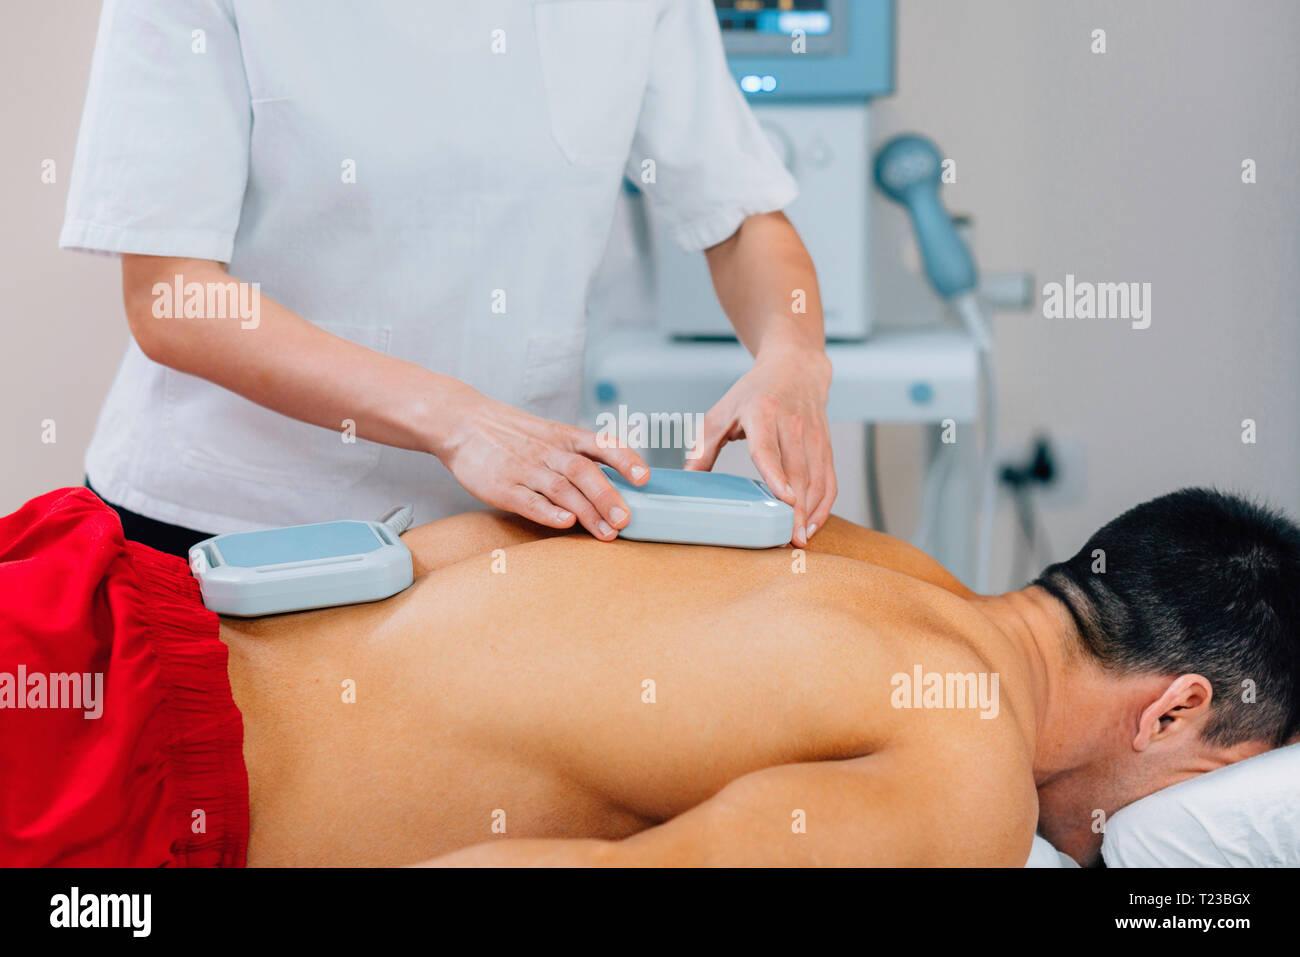 Magnetoterapia. Fisioterapista immissione magneti sulla schiena del paziente. Foto Stock